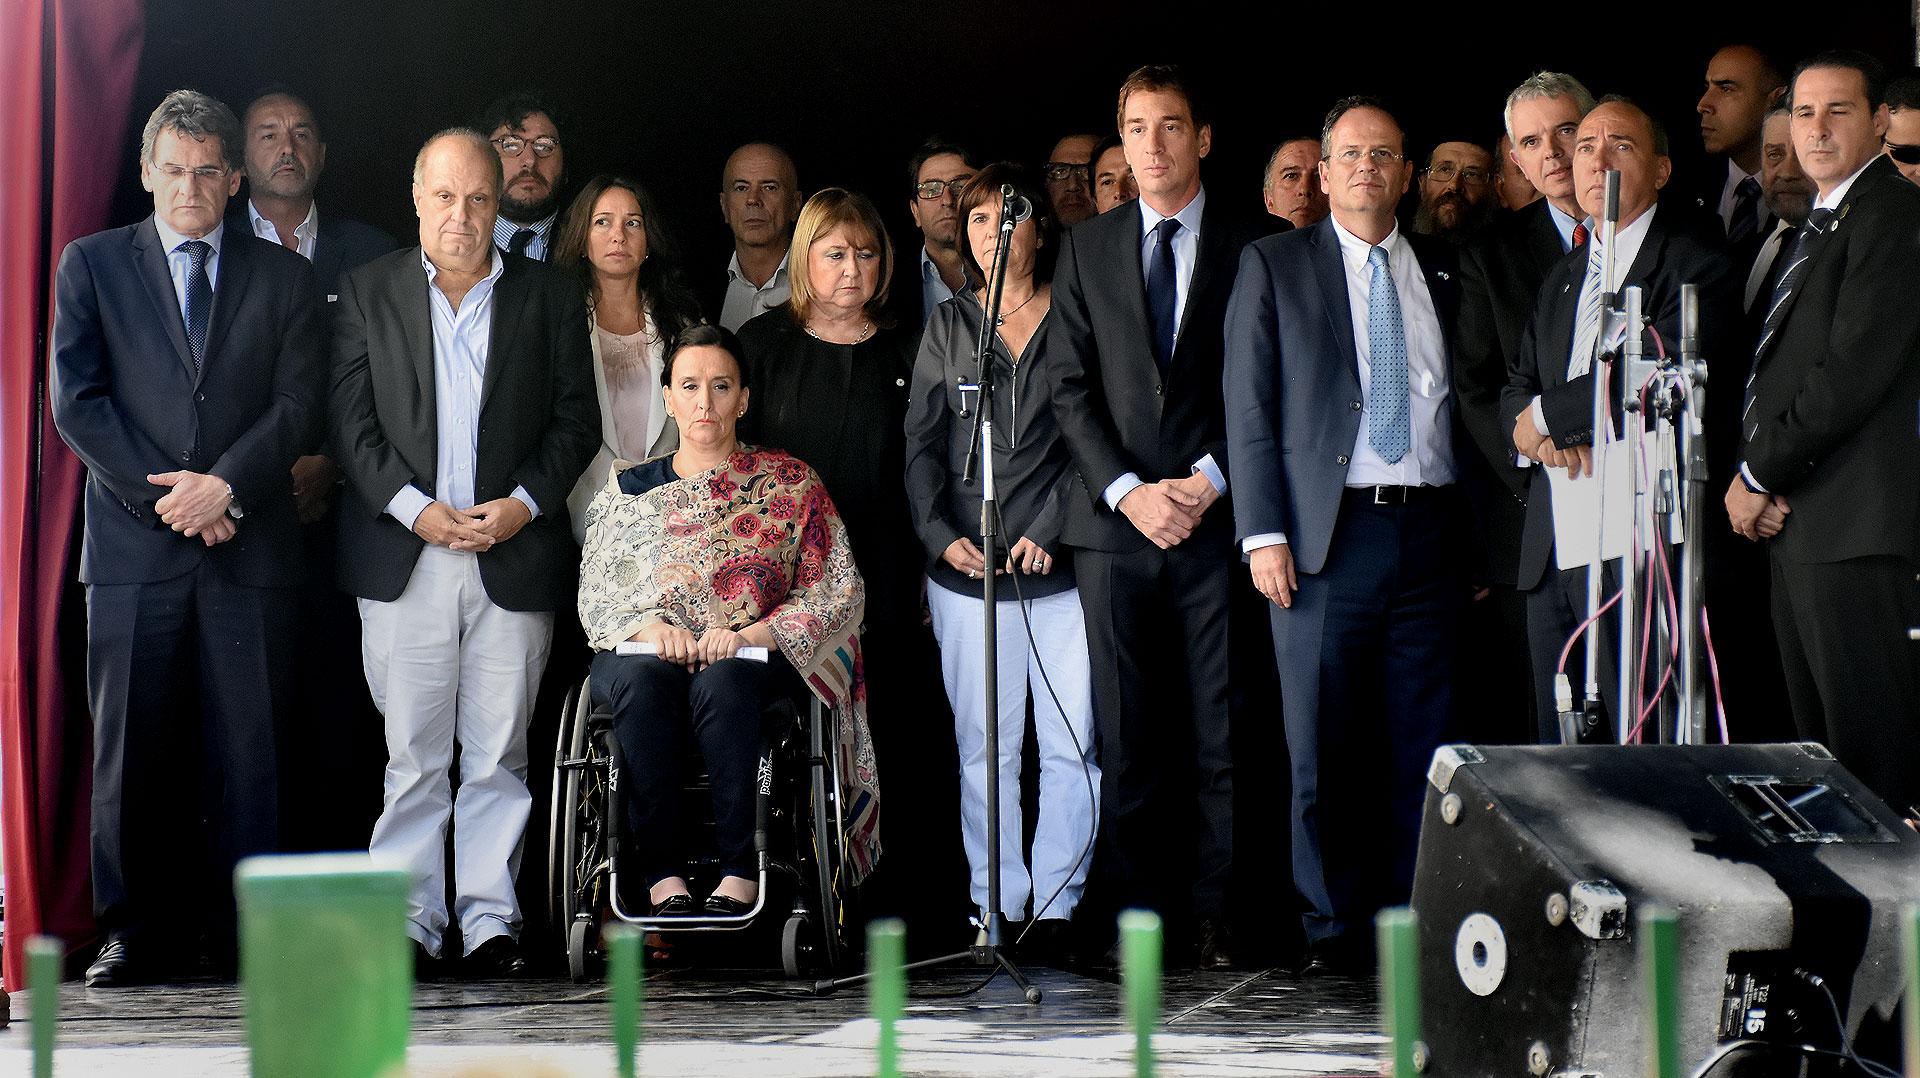 Funcionarios de la Argentina y del gobierno de Israel participaron del acto a 25 años del ataque a la Embajada